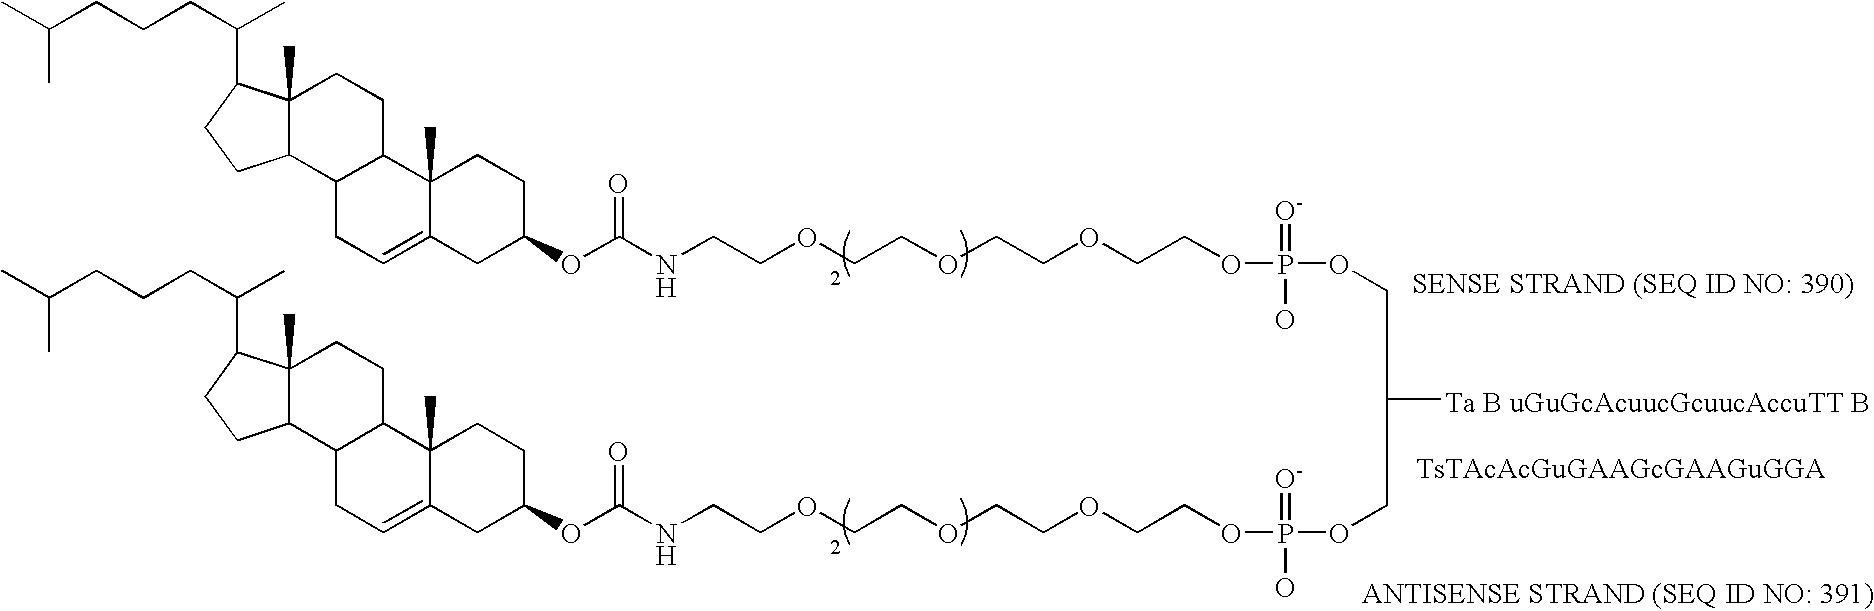 Figure US20040192626A1-20040930-C00099